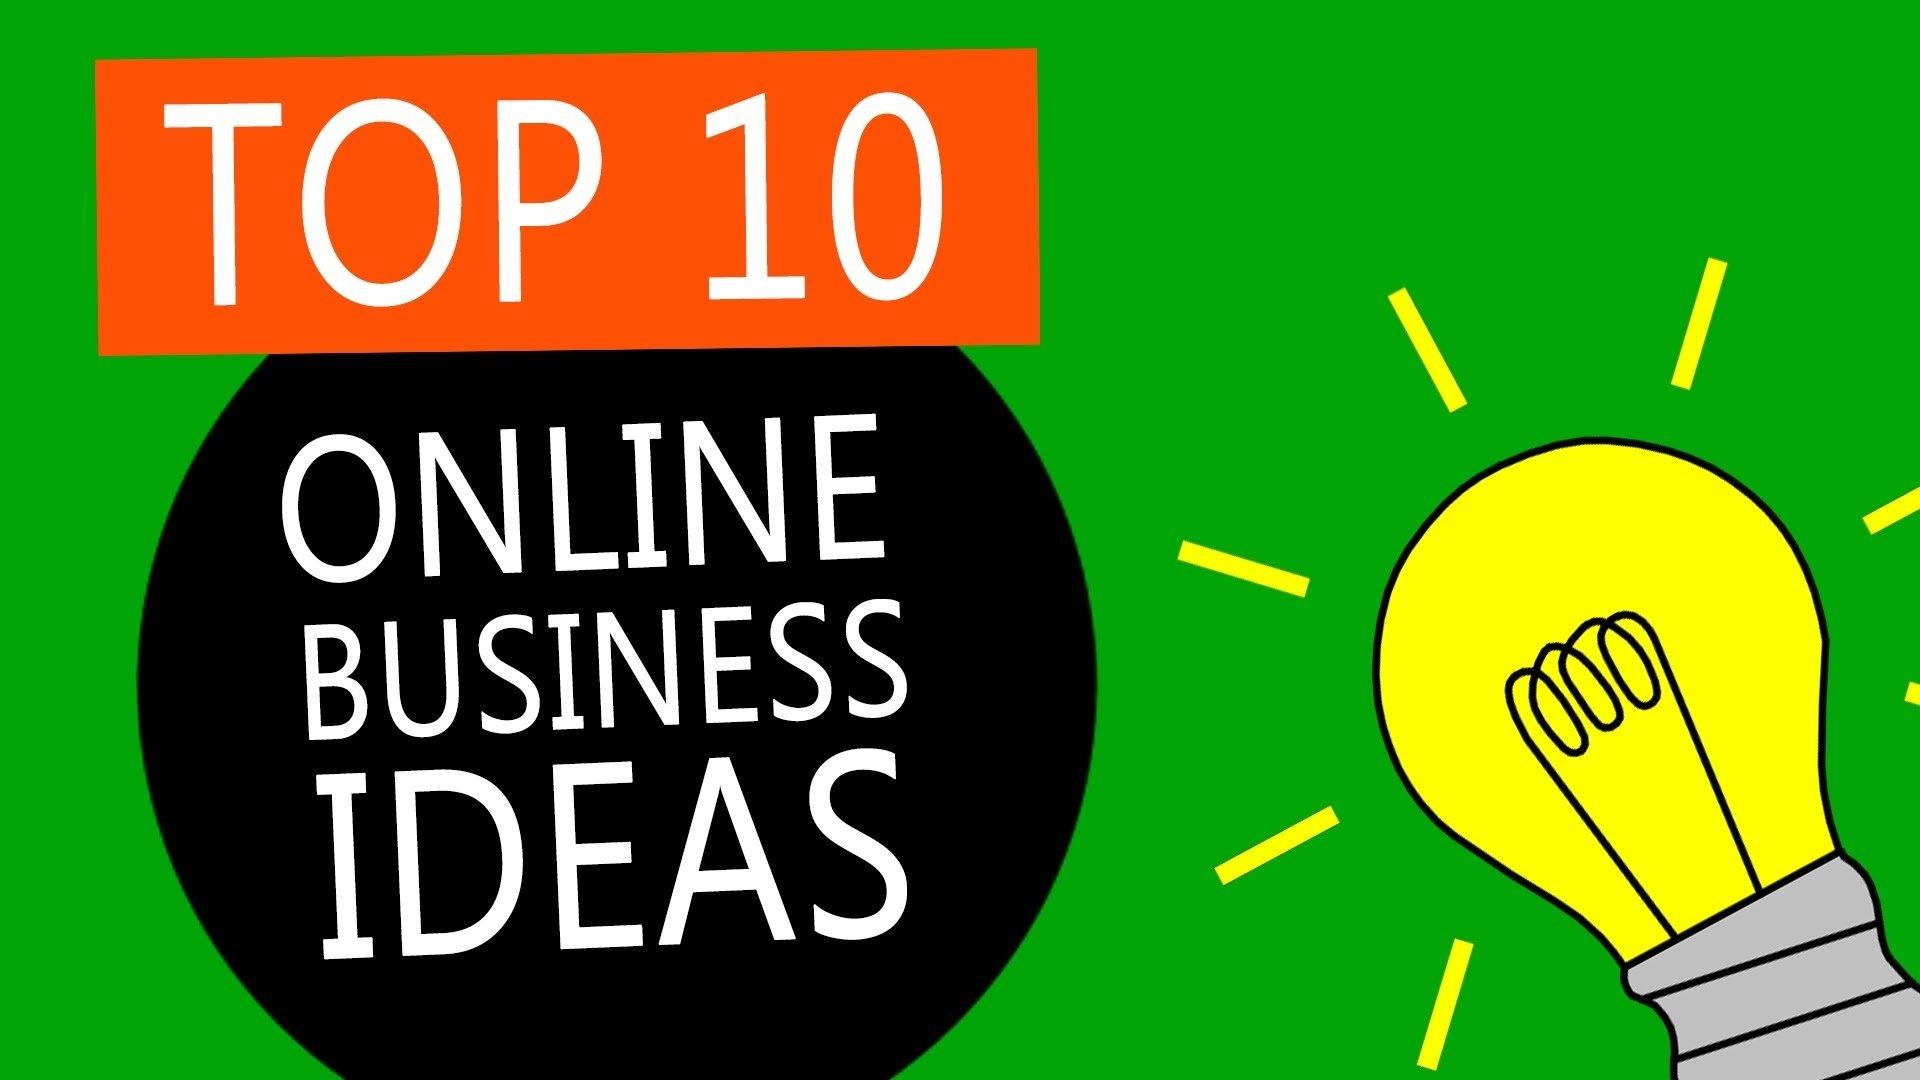 10 Best Good Ideas To Start A Business top 10 best online business ideas to start a small business youtube 10